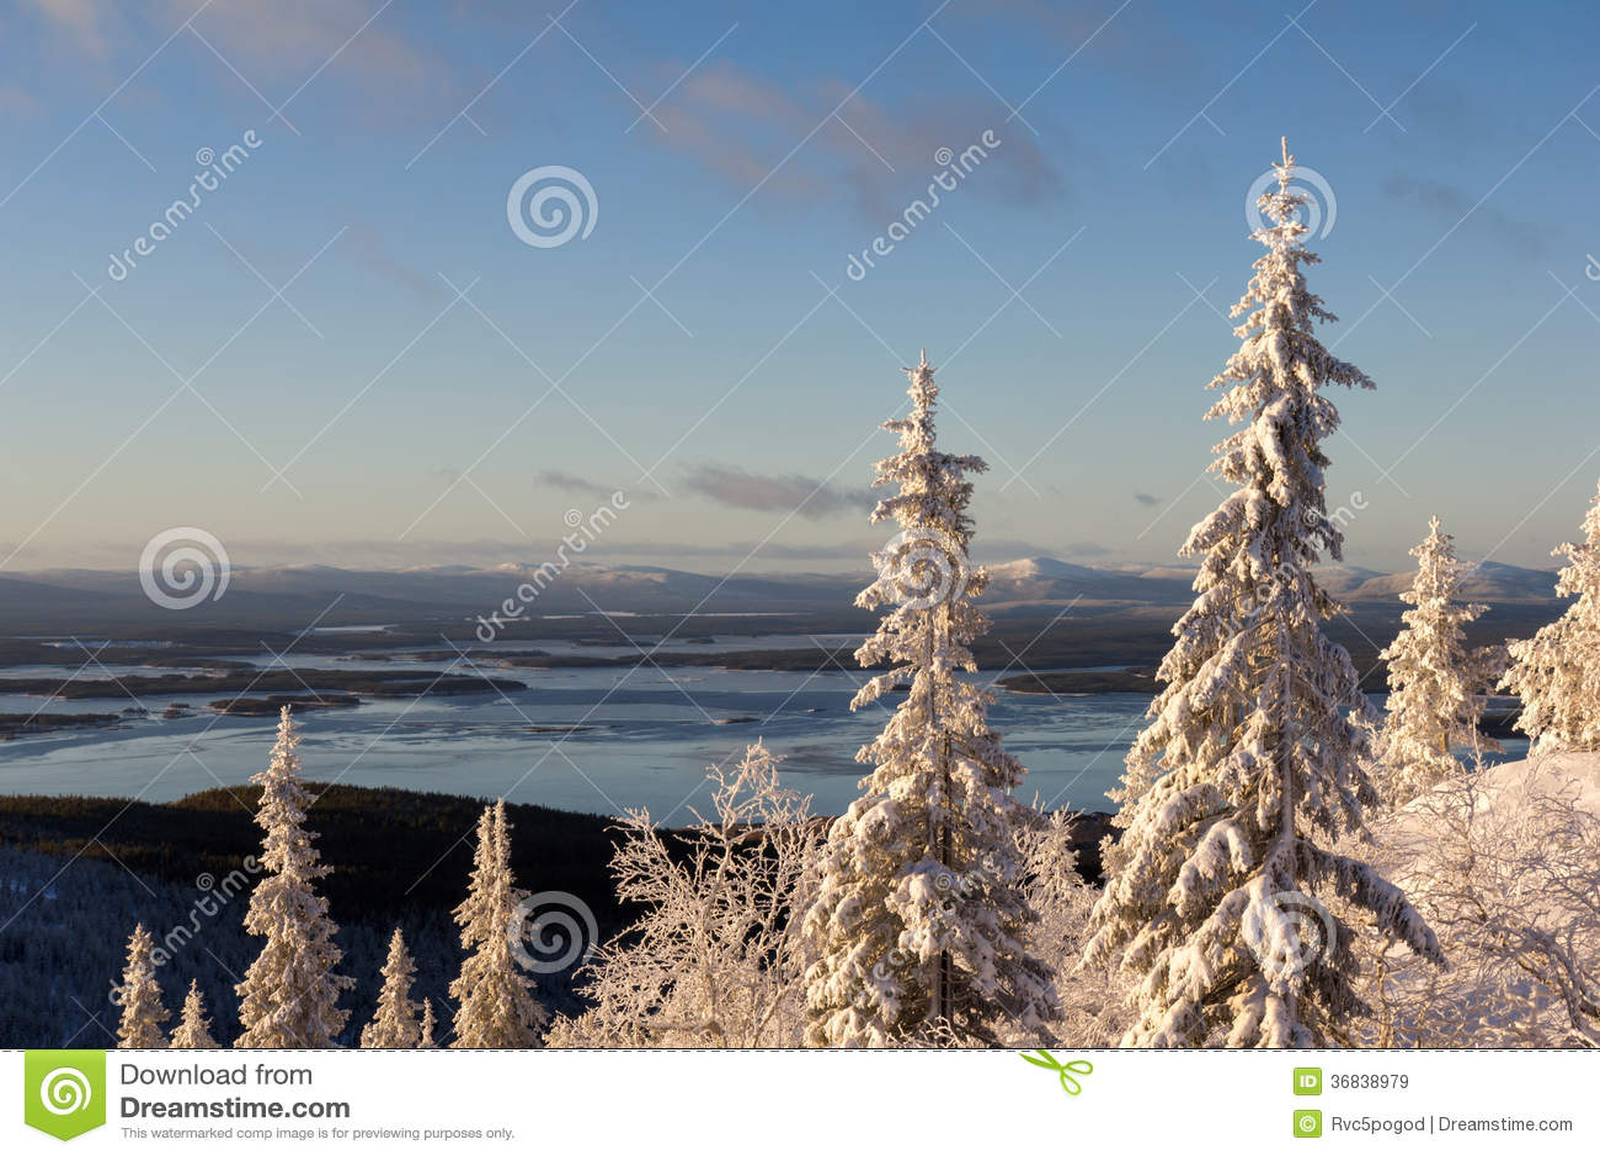 Χειμερινό δασικό τοπίο, χερσόνησος κόλα, Ρωσία